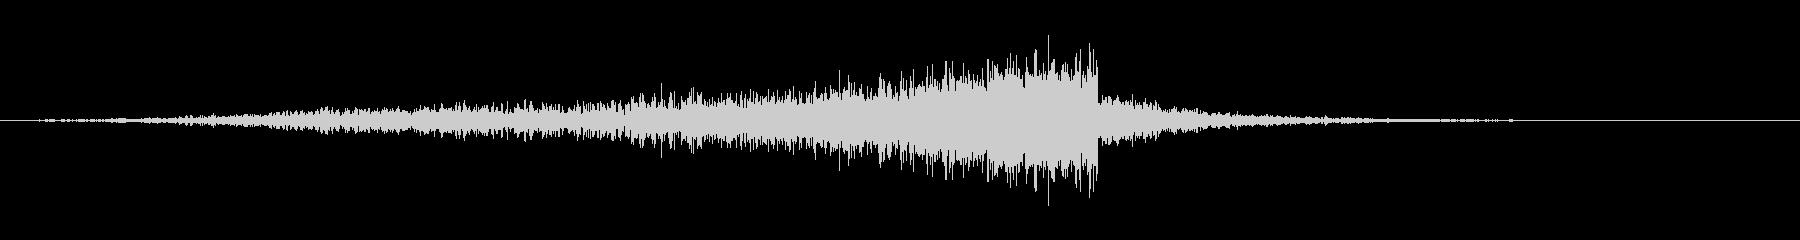 ロングスクレーピングリボルブフーシの未再生の波形